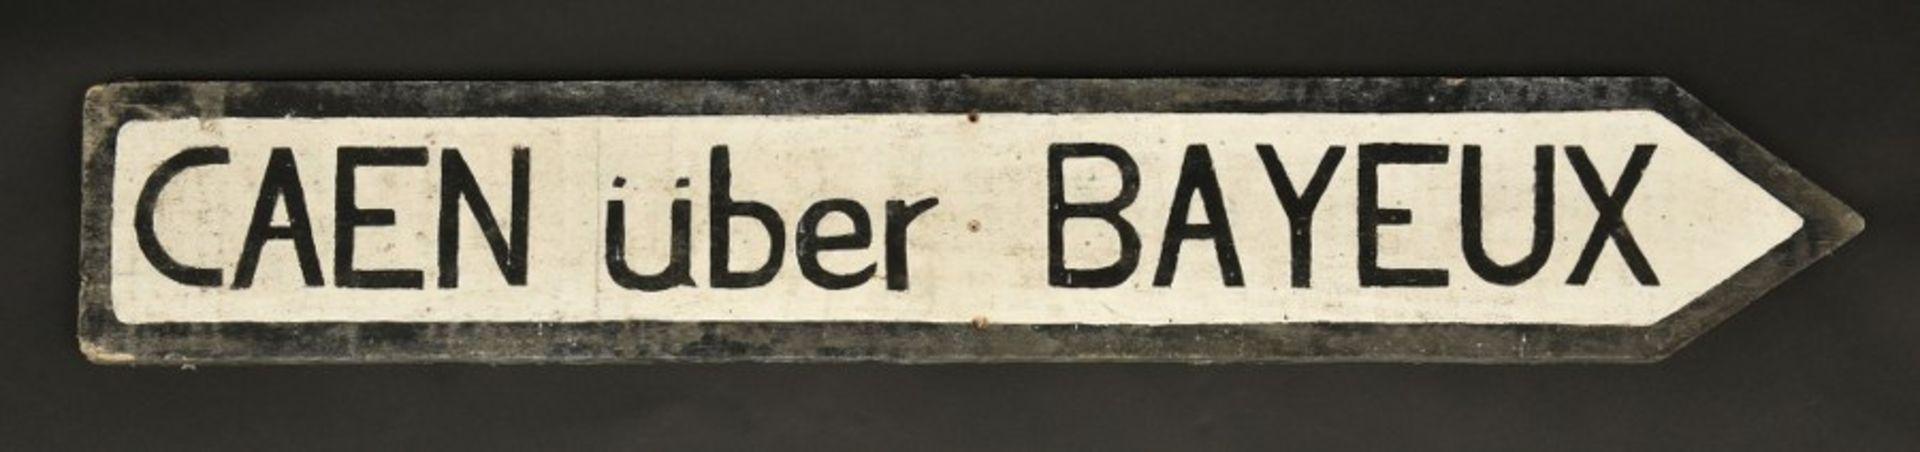 Los 6 - Panneau directionnel Caen über Bayeux. Directional sign Caen über Bayeux.En bois, fond peint en